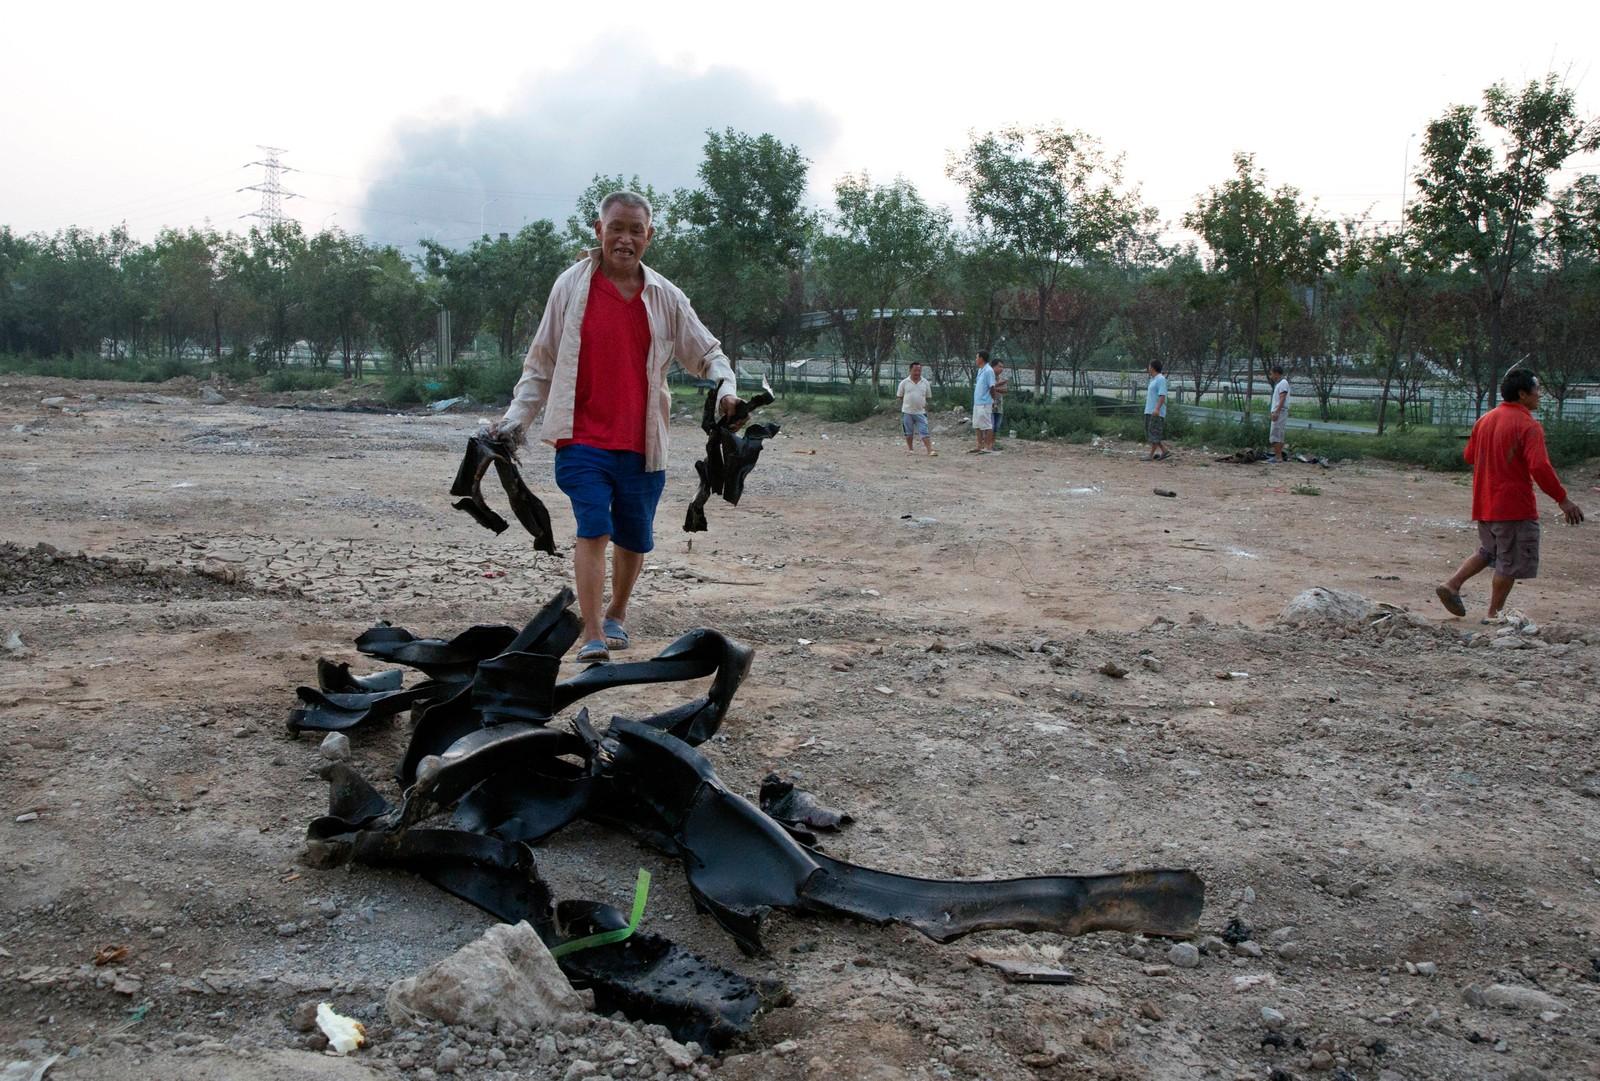 RYDDER: En mann prøver å rydde opp etter at metallgjenstander ble spredd ut over et stort område under eksplosjonene.